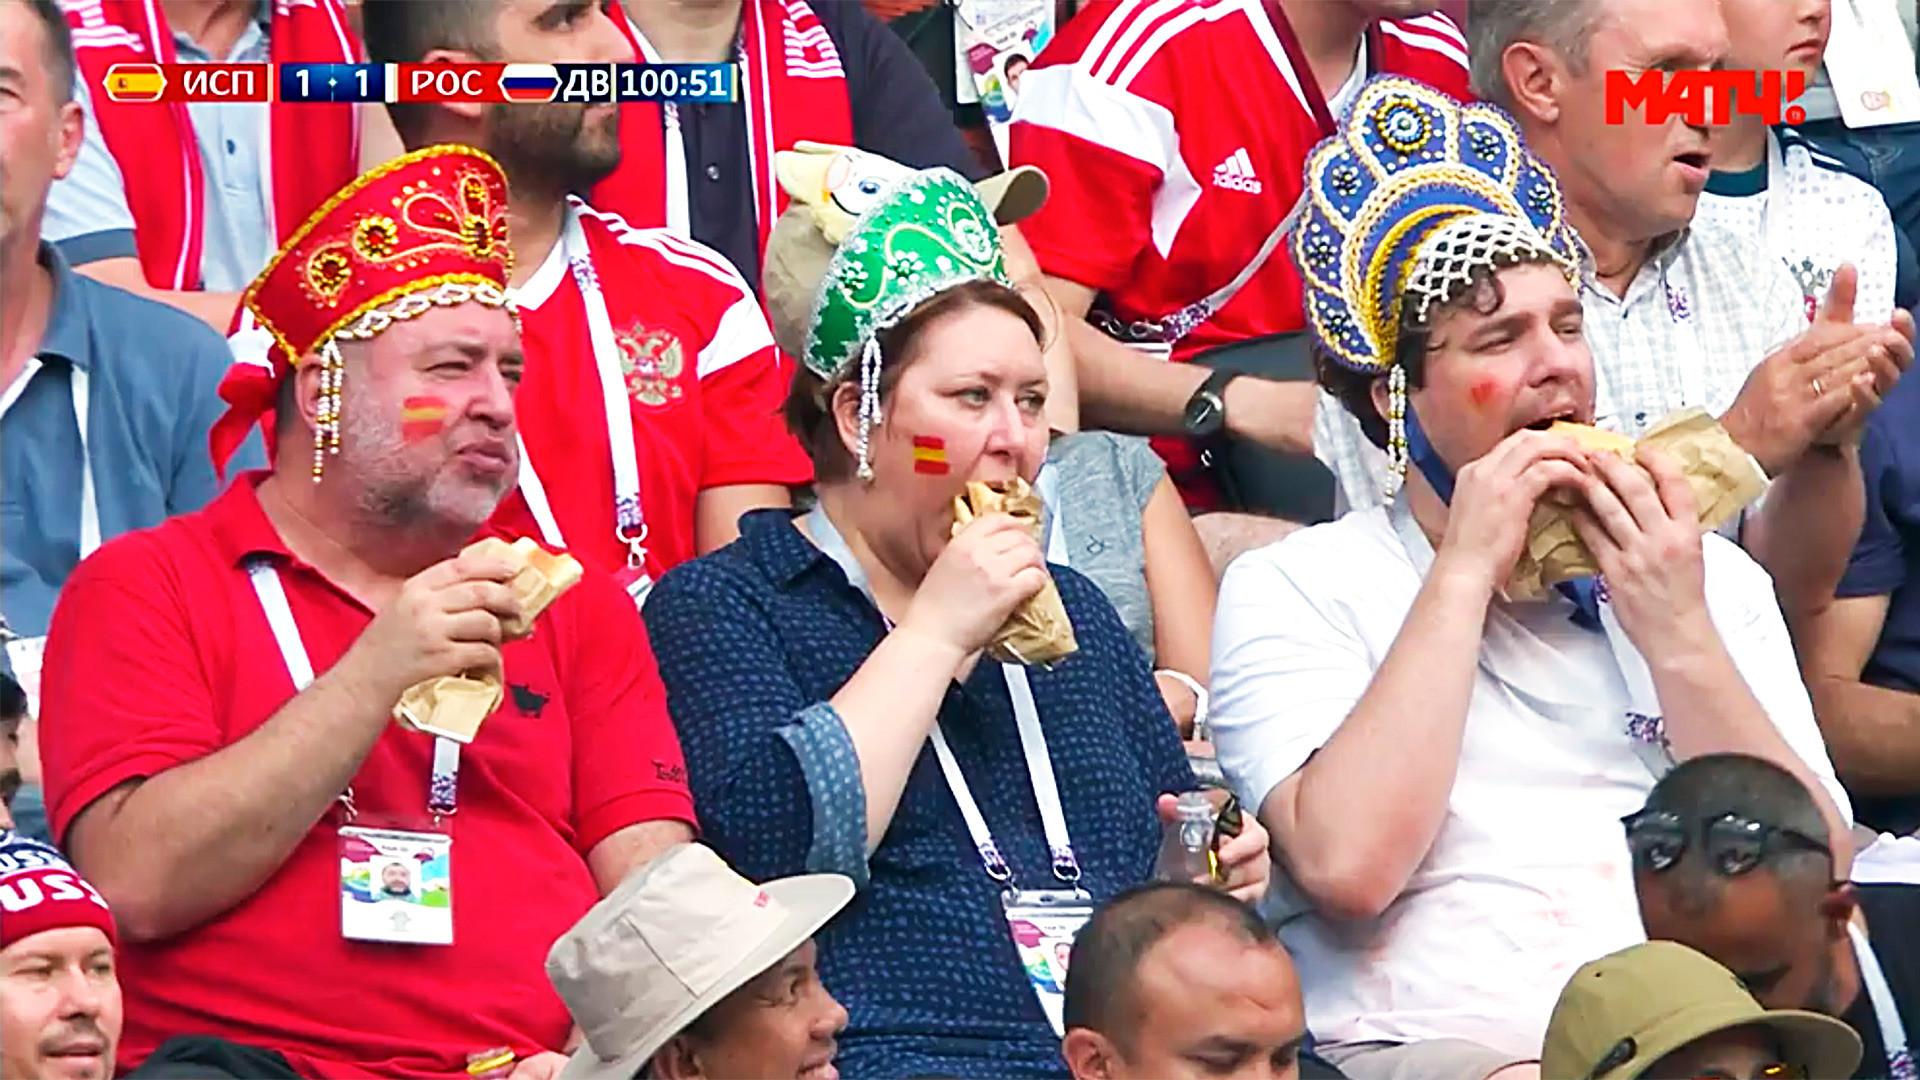 Russian fans in kokoshniks, Russia's national hats (well, sort of).